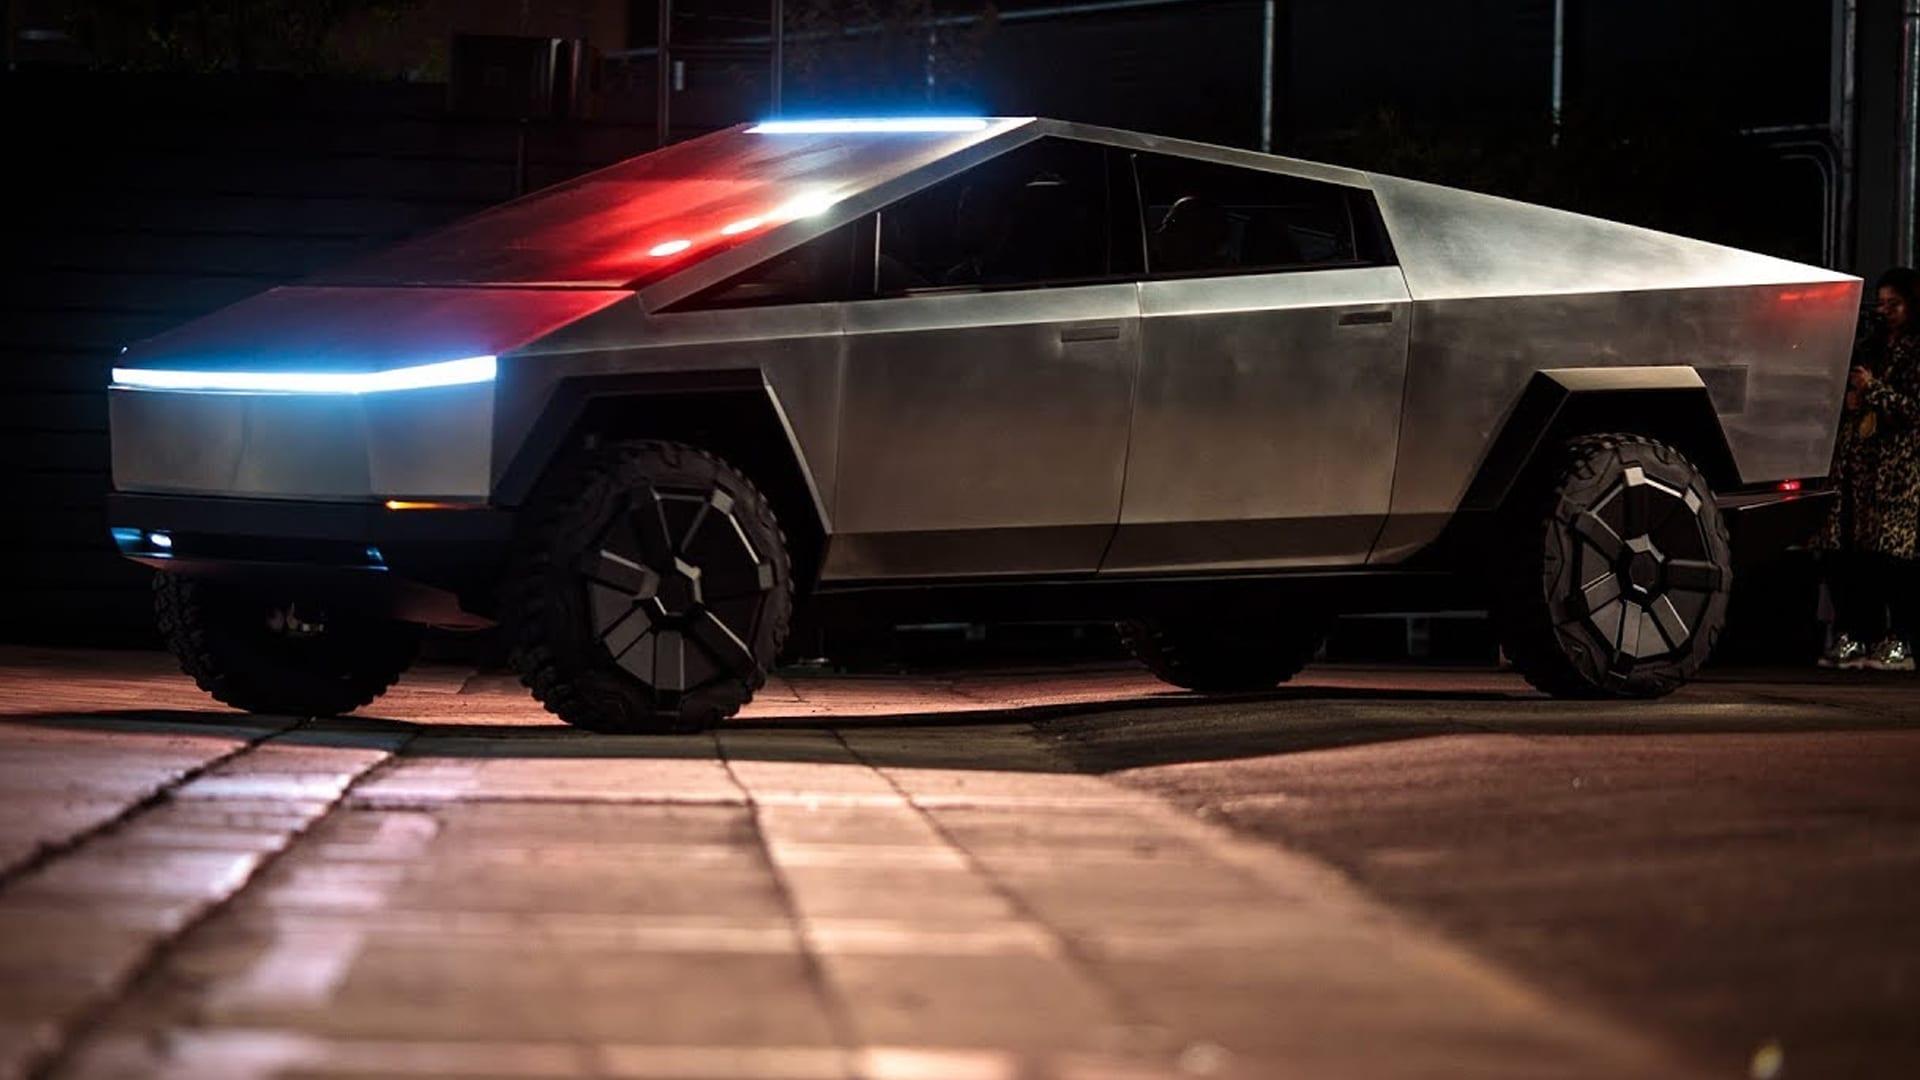 شرطة دبي تعلن عن إهتمامها بضم سيارة Tesla Cybertruck الجديدة إلى أسطولها